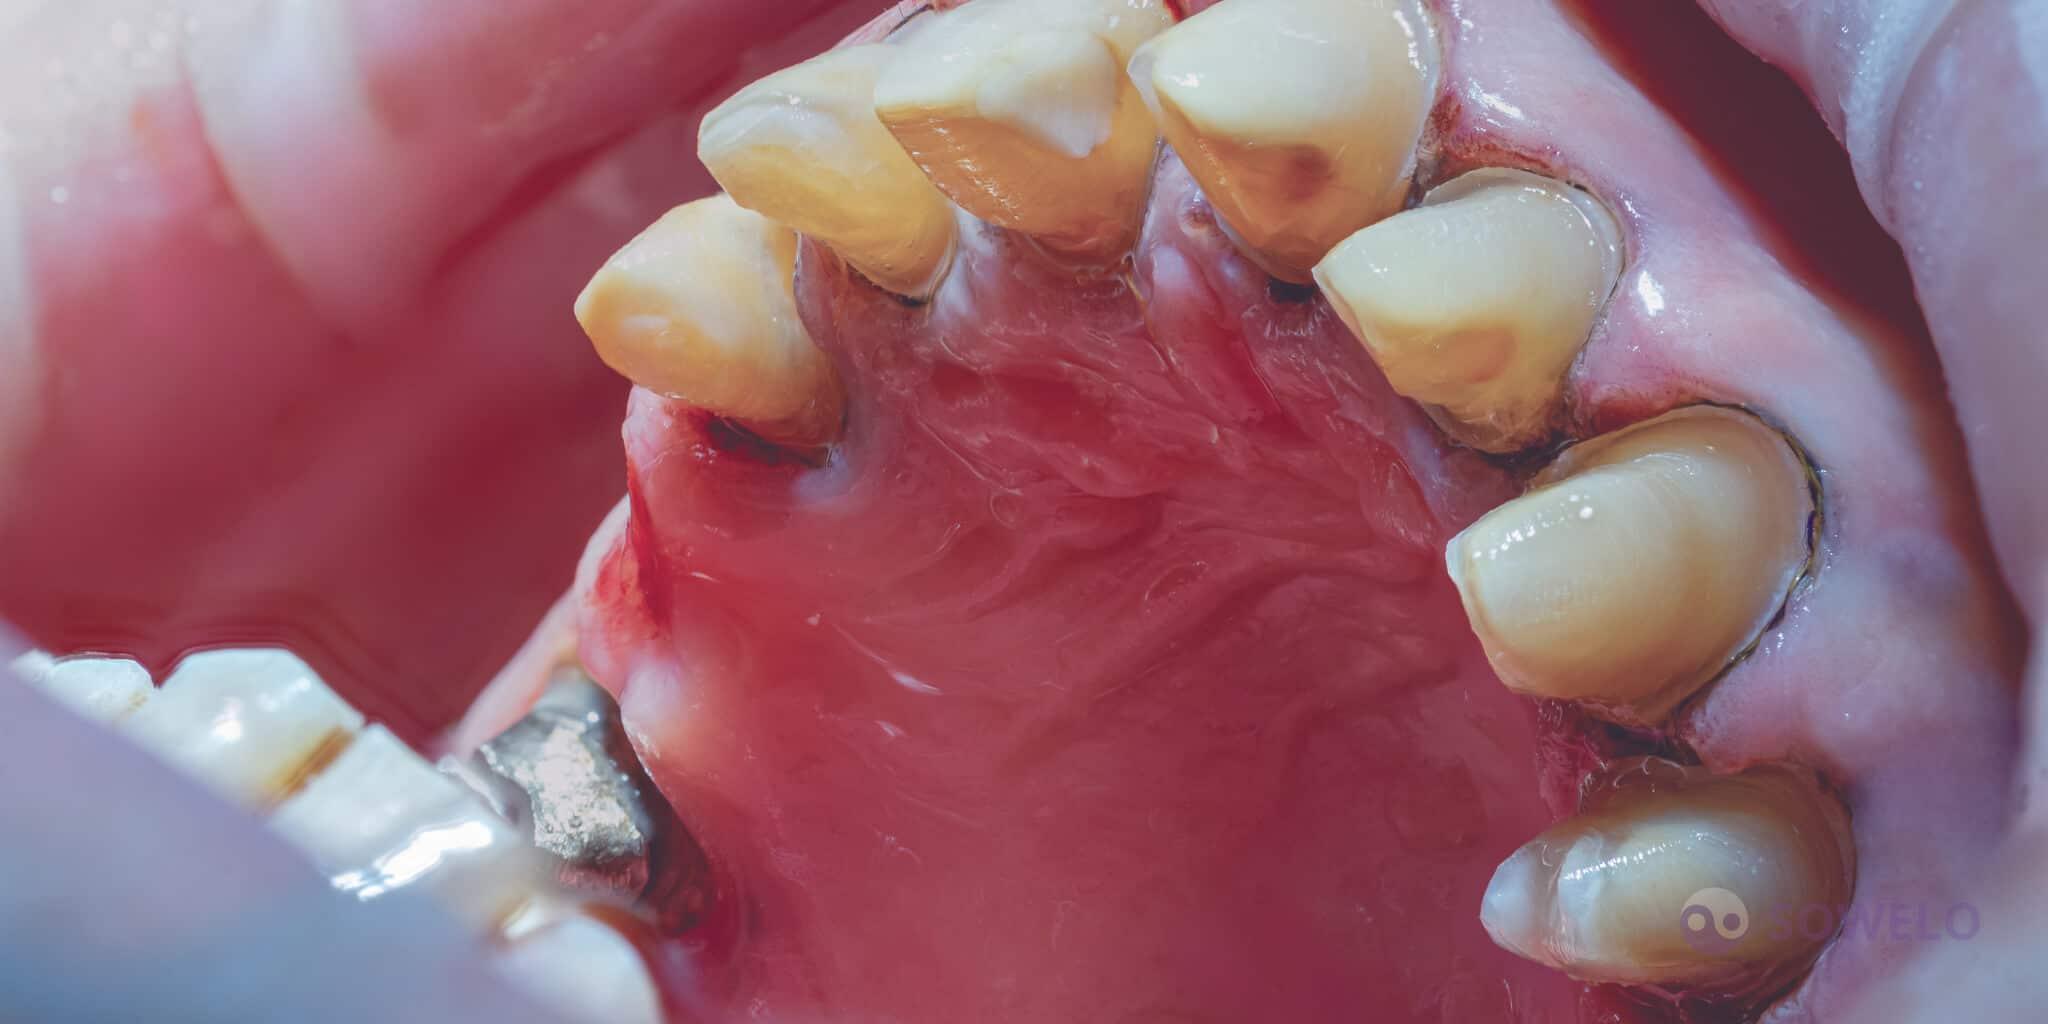 Zbrušeni zobje pripravljeni na odtis in protetiko